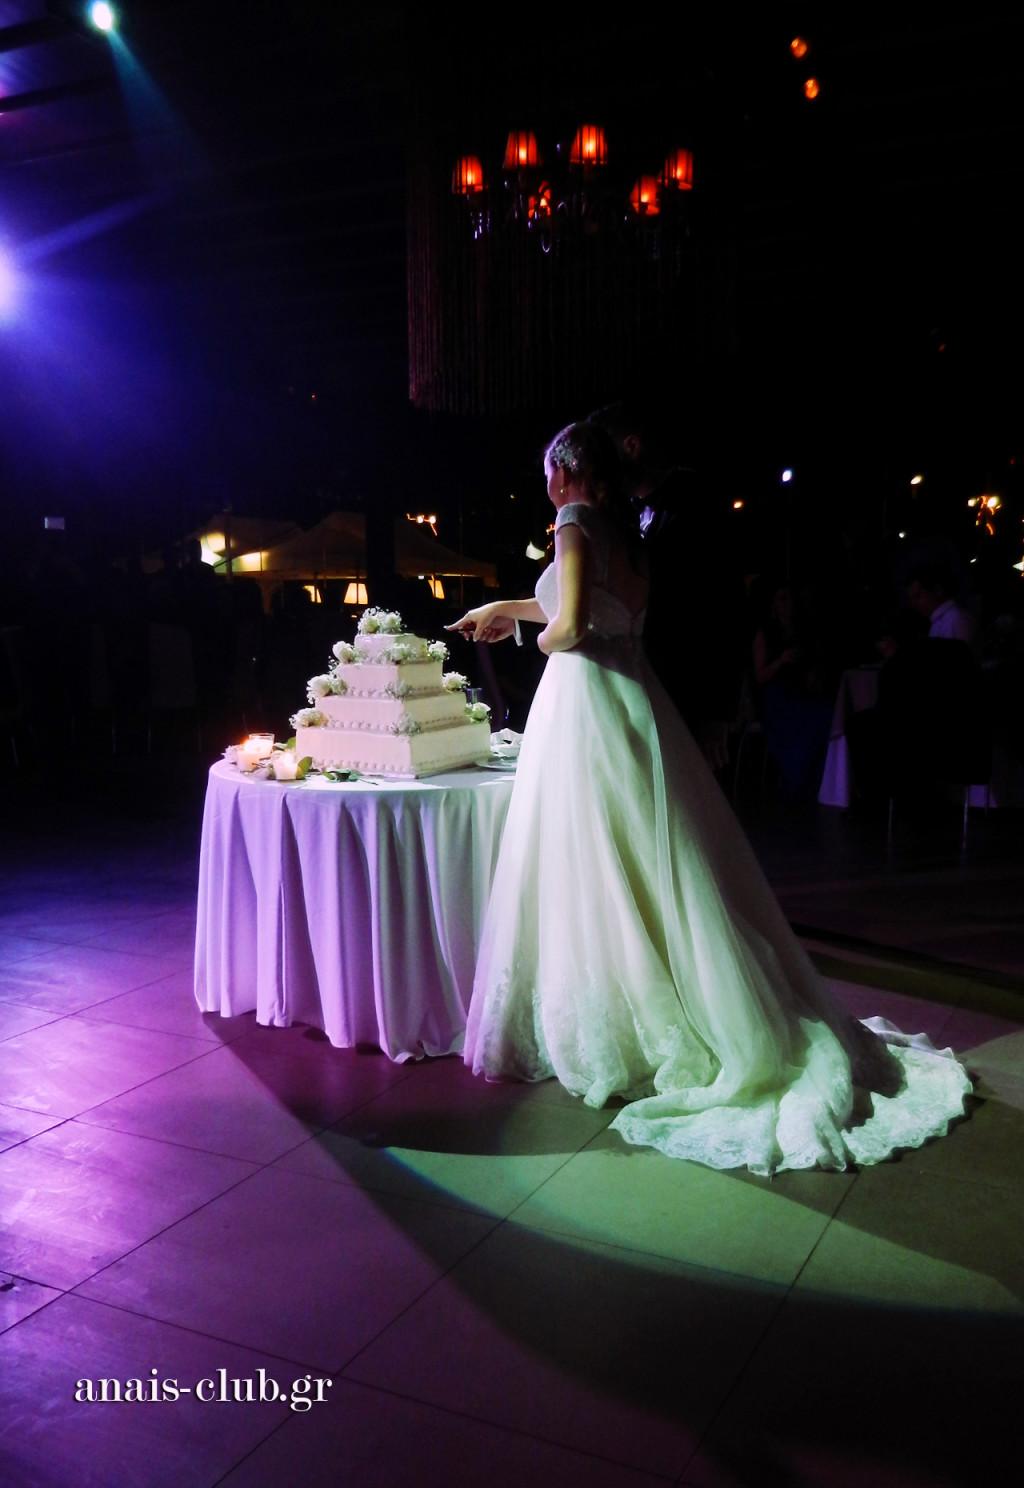 Οι νεόνυμφοι κόβουν τη γαμήλια τούρτα τους και ευχαριστούν τους καλεσμένους τους υψώνοντας τα ποτήρια τους με τη σαμπάνια αμέσως μετά